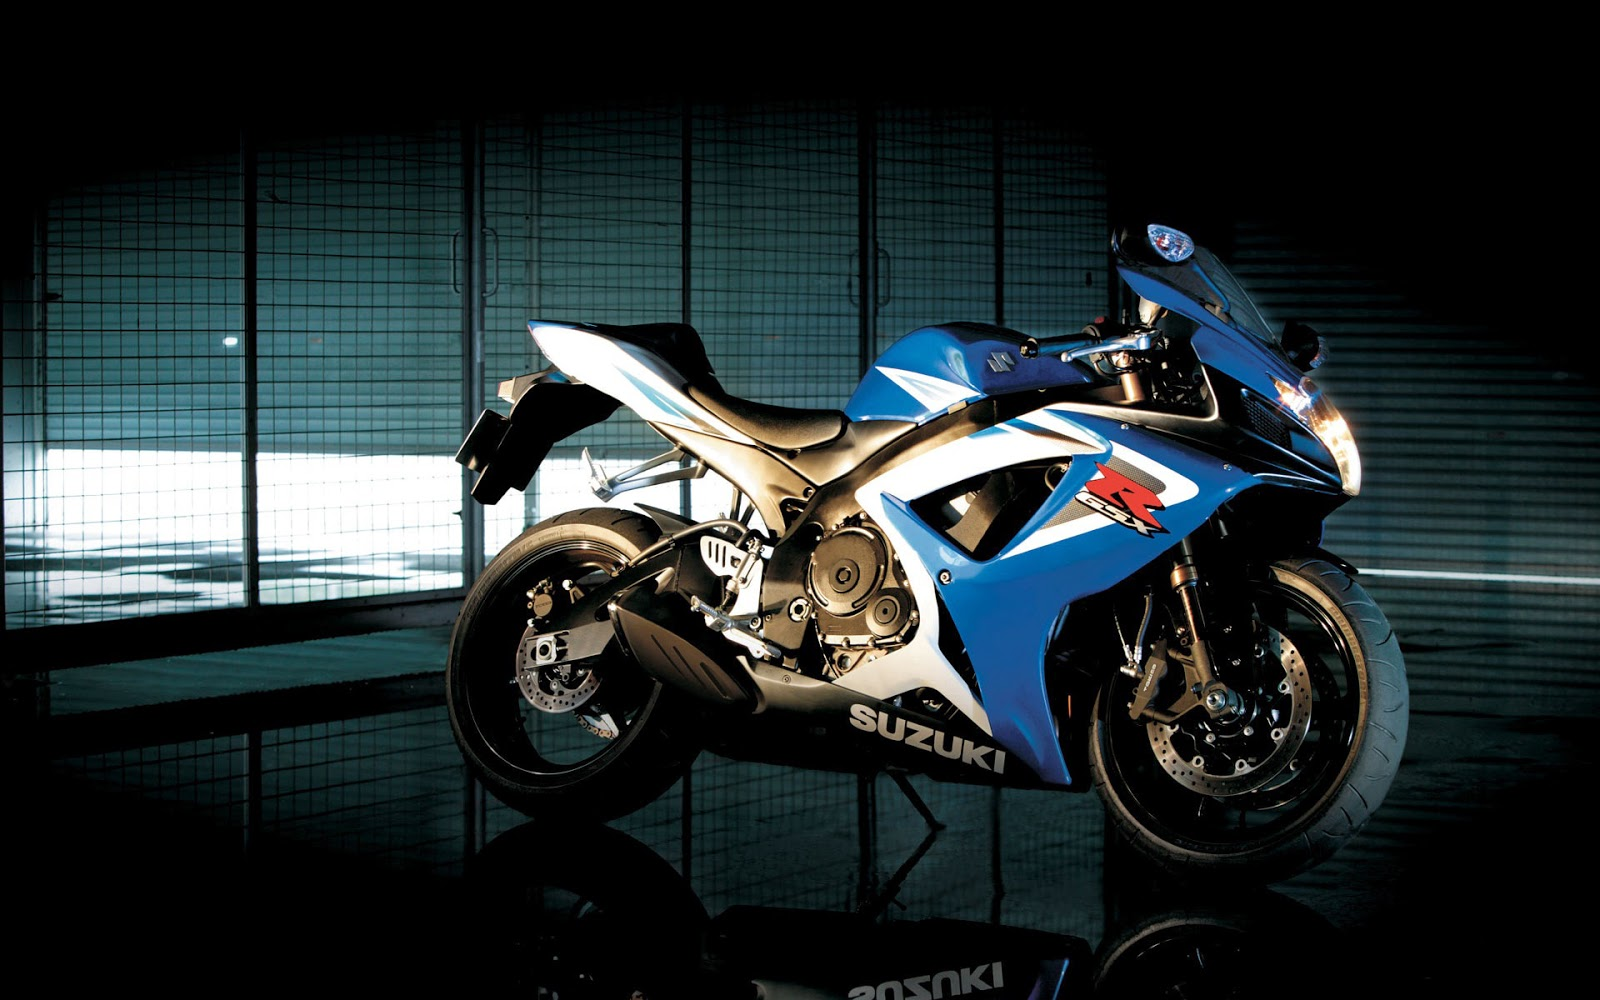 Suzuki GSX R750 Bike Wallpaper